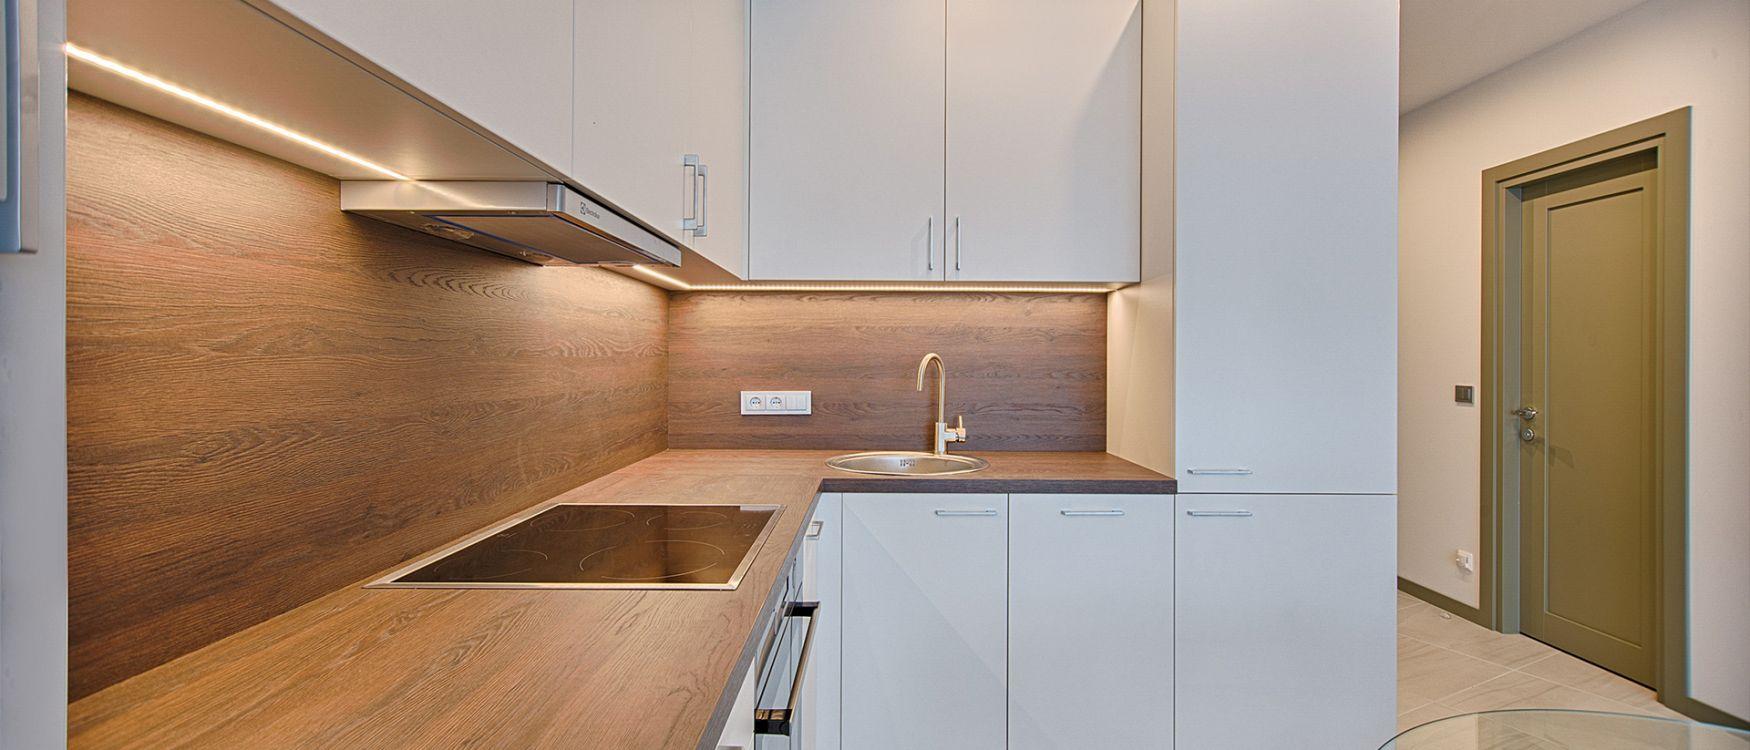 kitchen_header_01